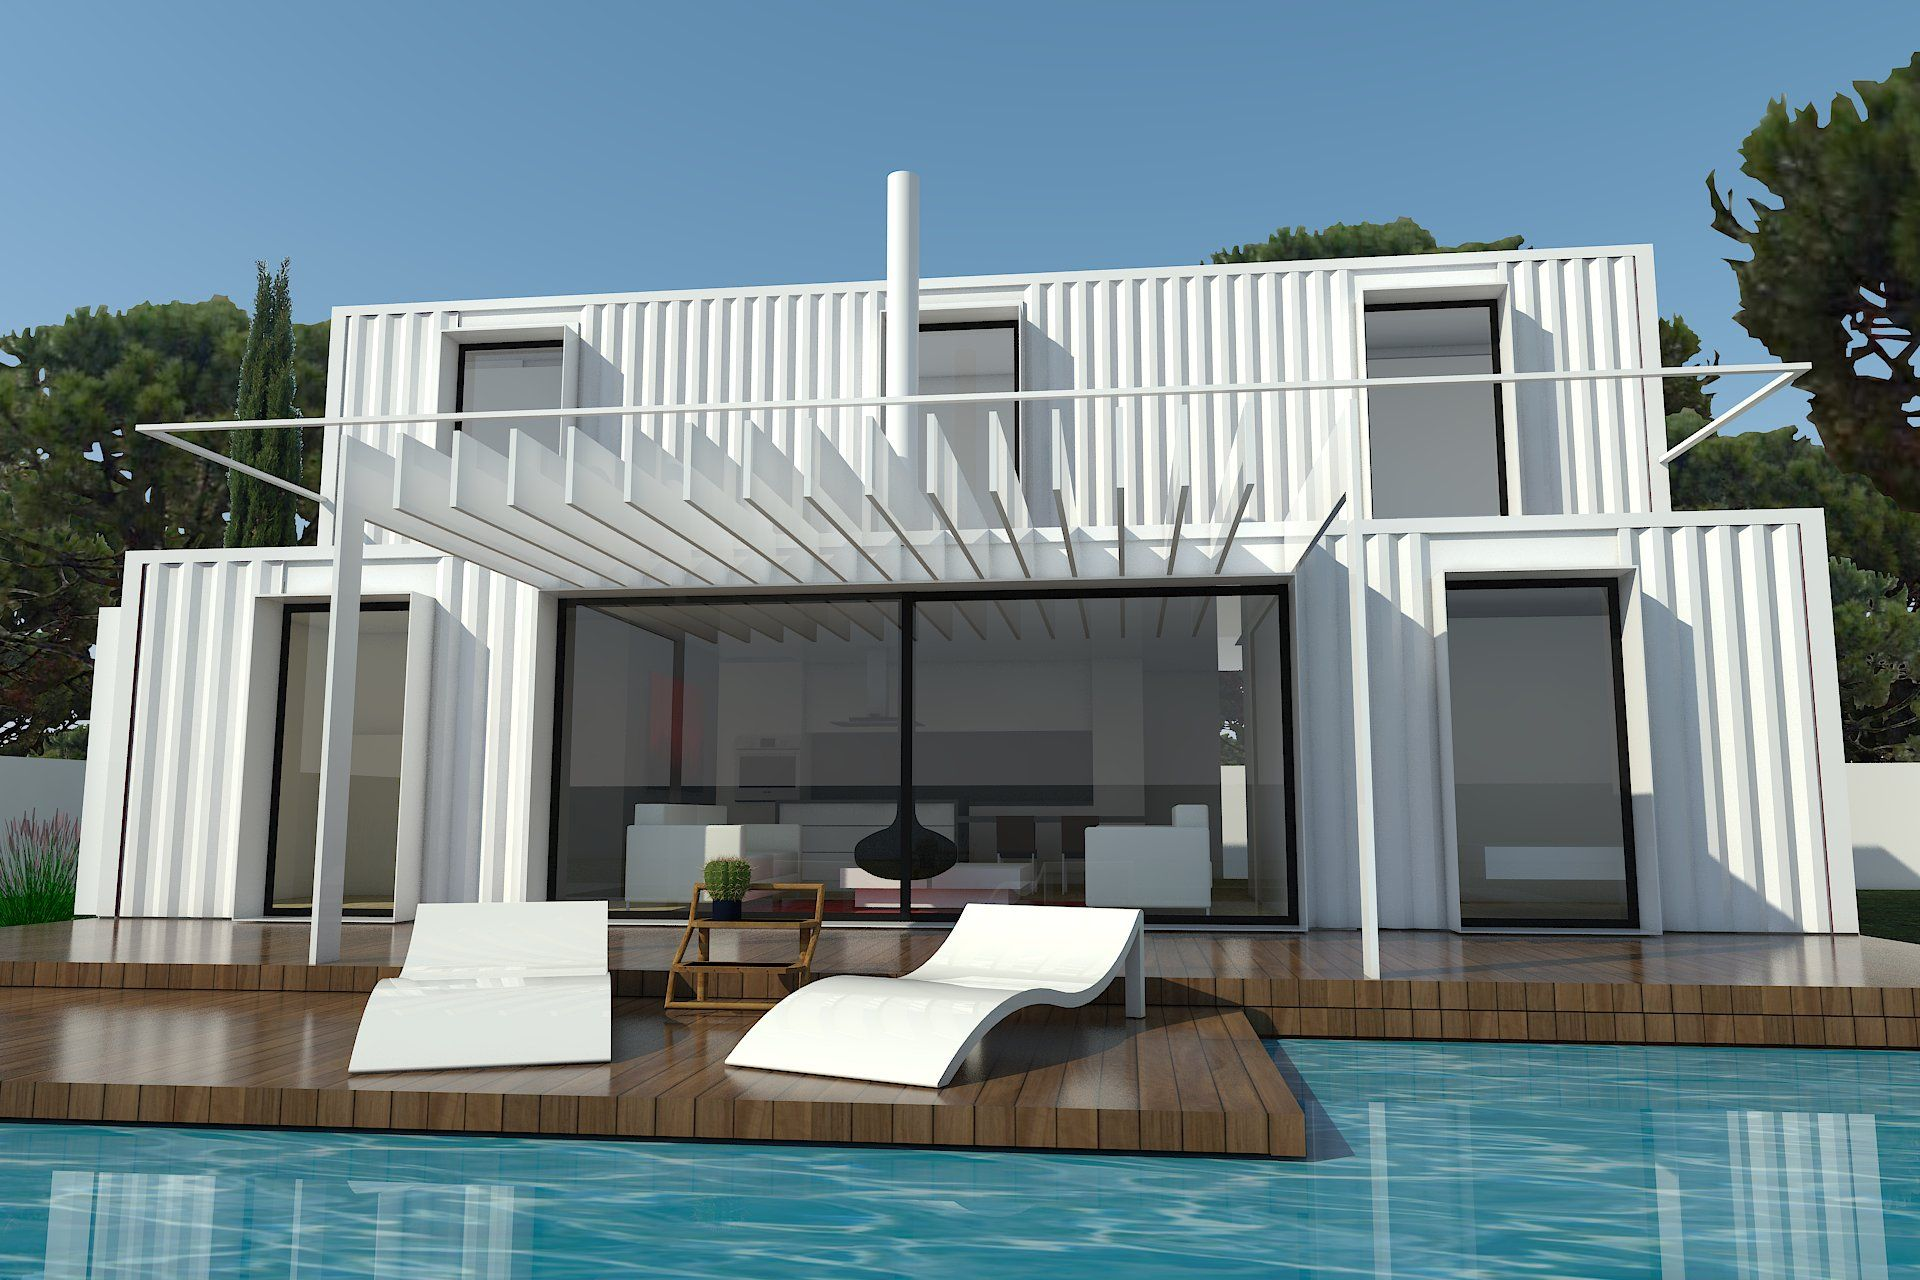 H kub casas prefabricadas en contenedores mar timos mi negocio pinterest contenedores - Casa contenedor maritimo precio ...